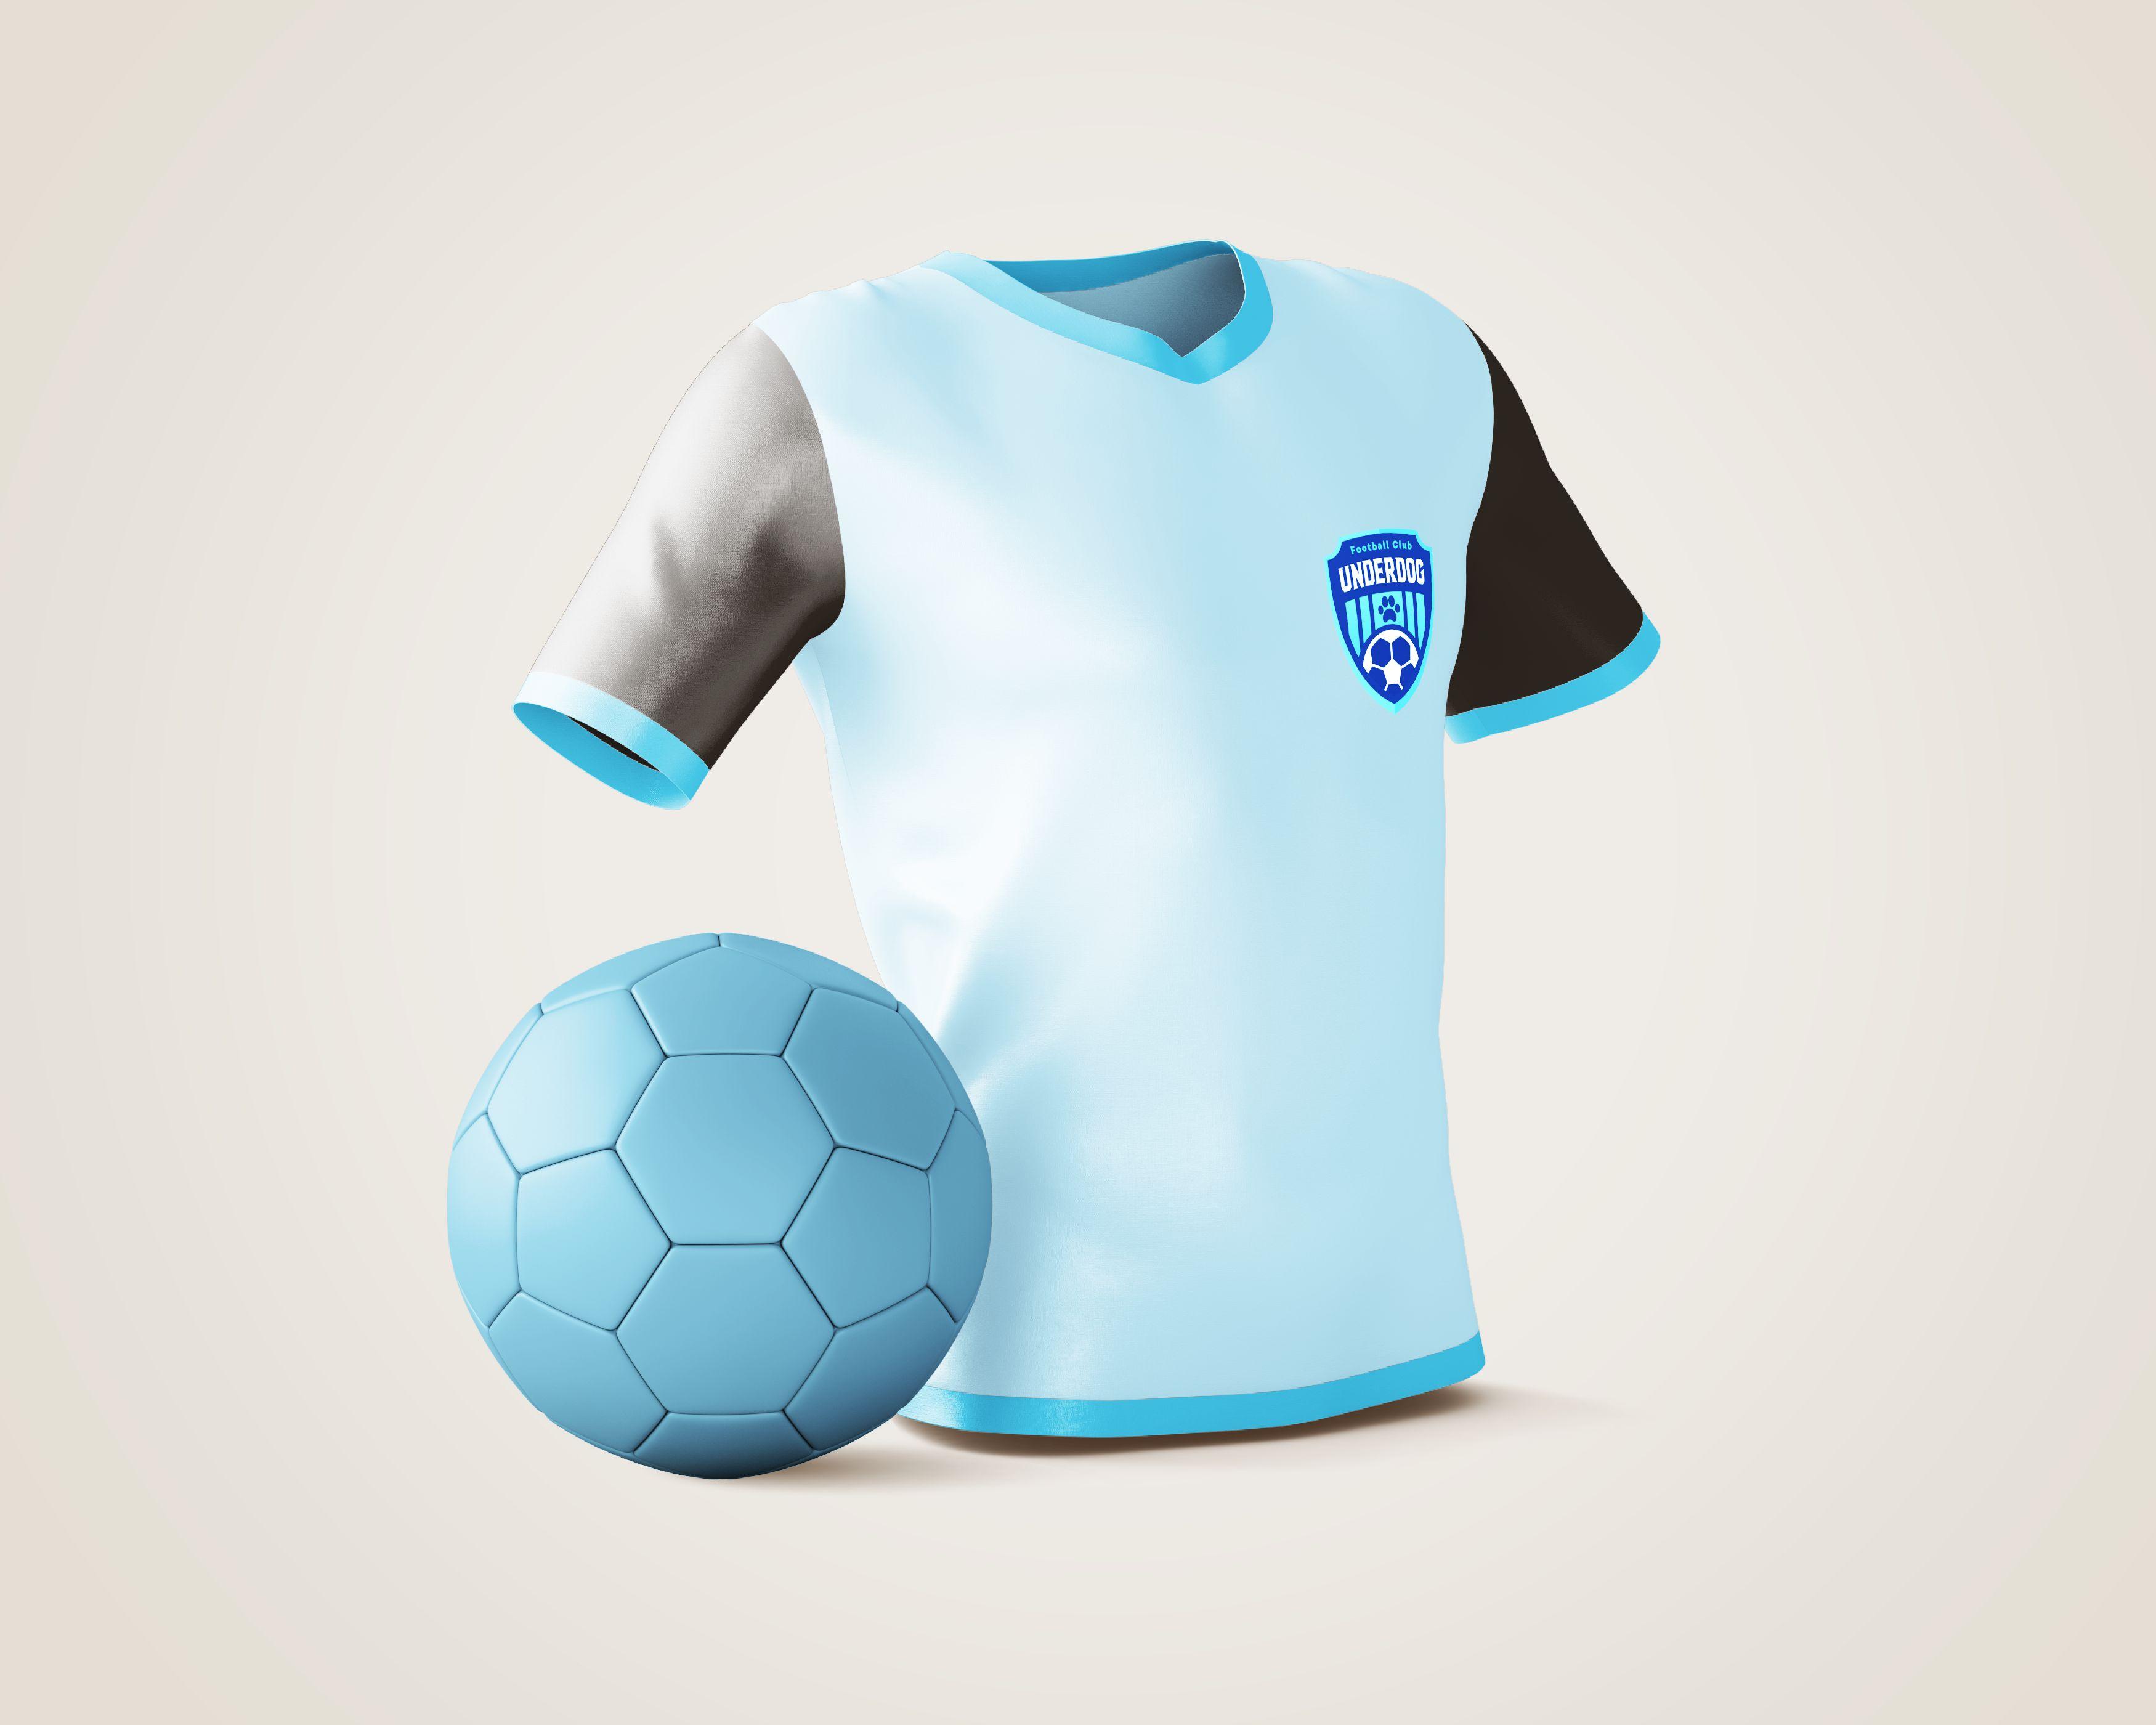 Футбольный клуб UNDERDOG - разработать фирстиль и бренд-бук фото f_1555cb45fc6b701b.jpg